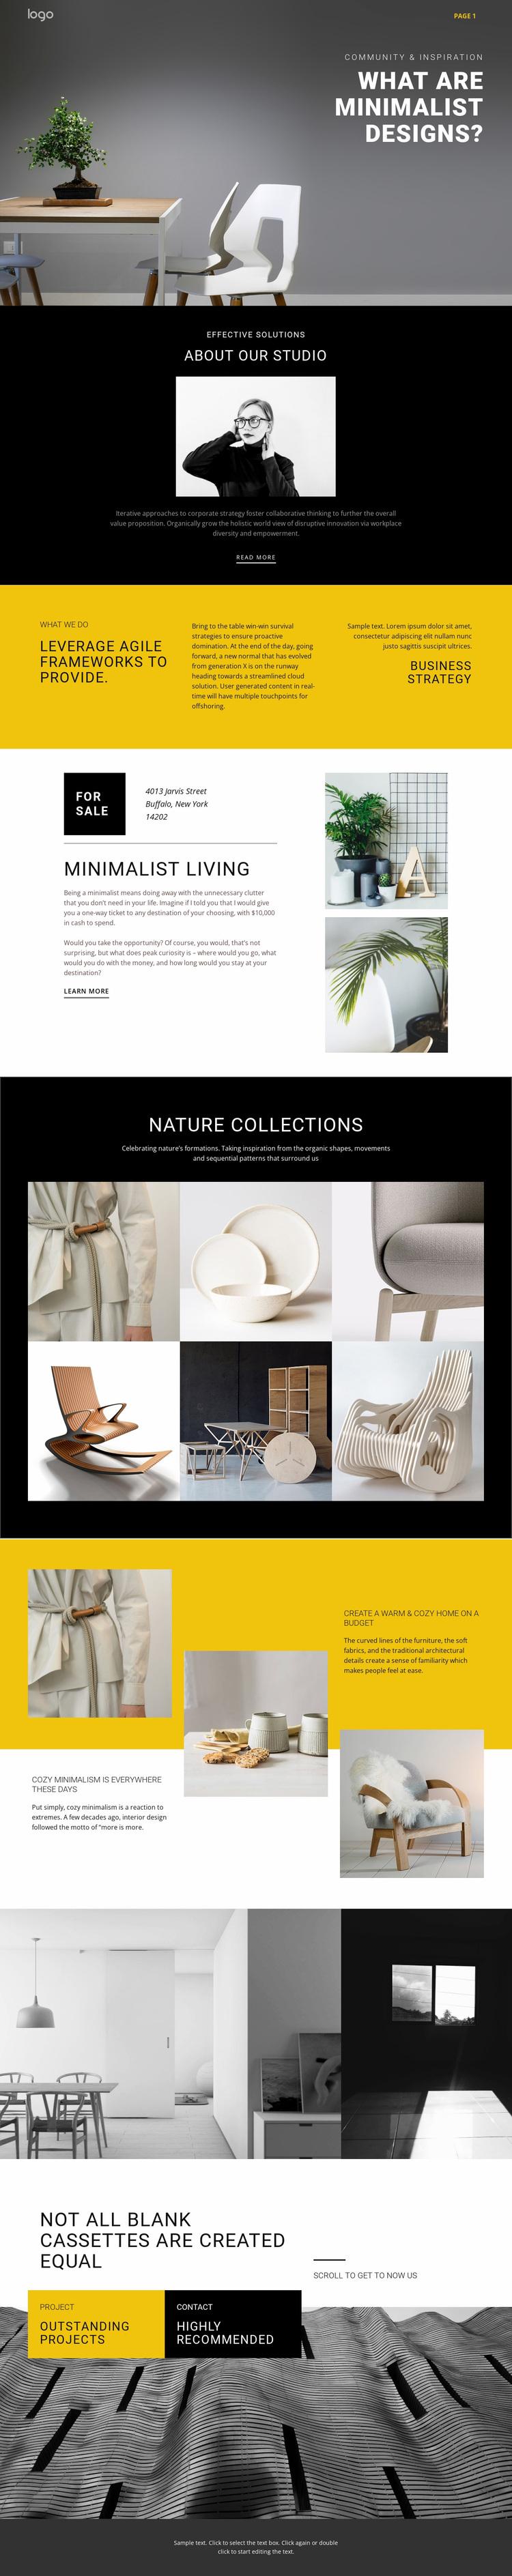 Minimalist designer interiors Website Design